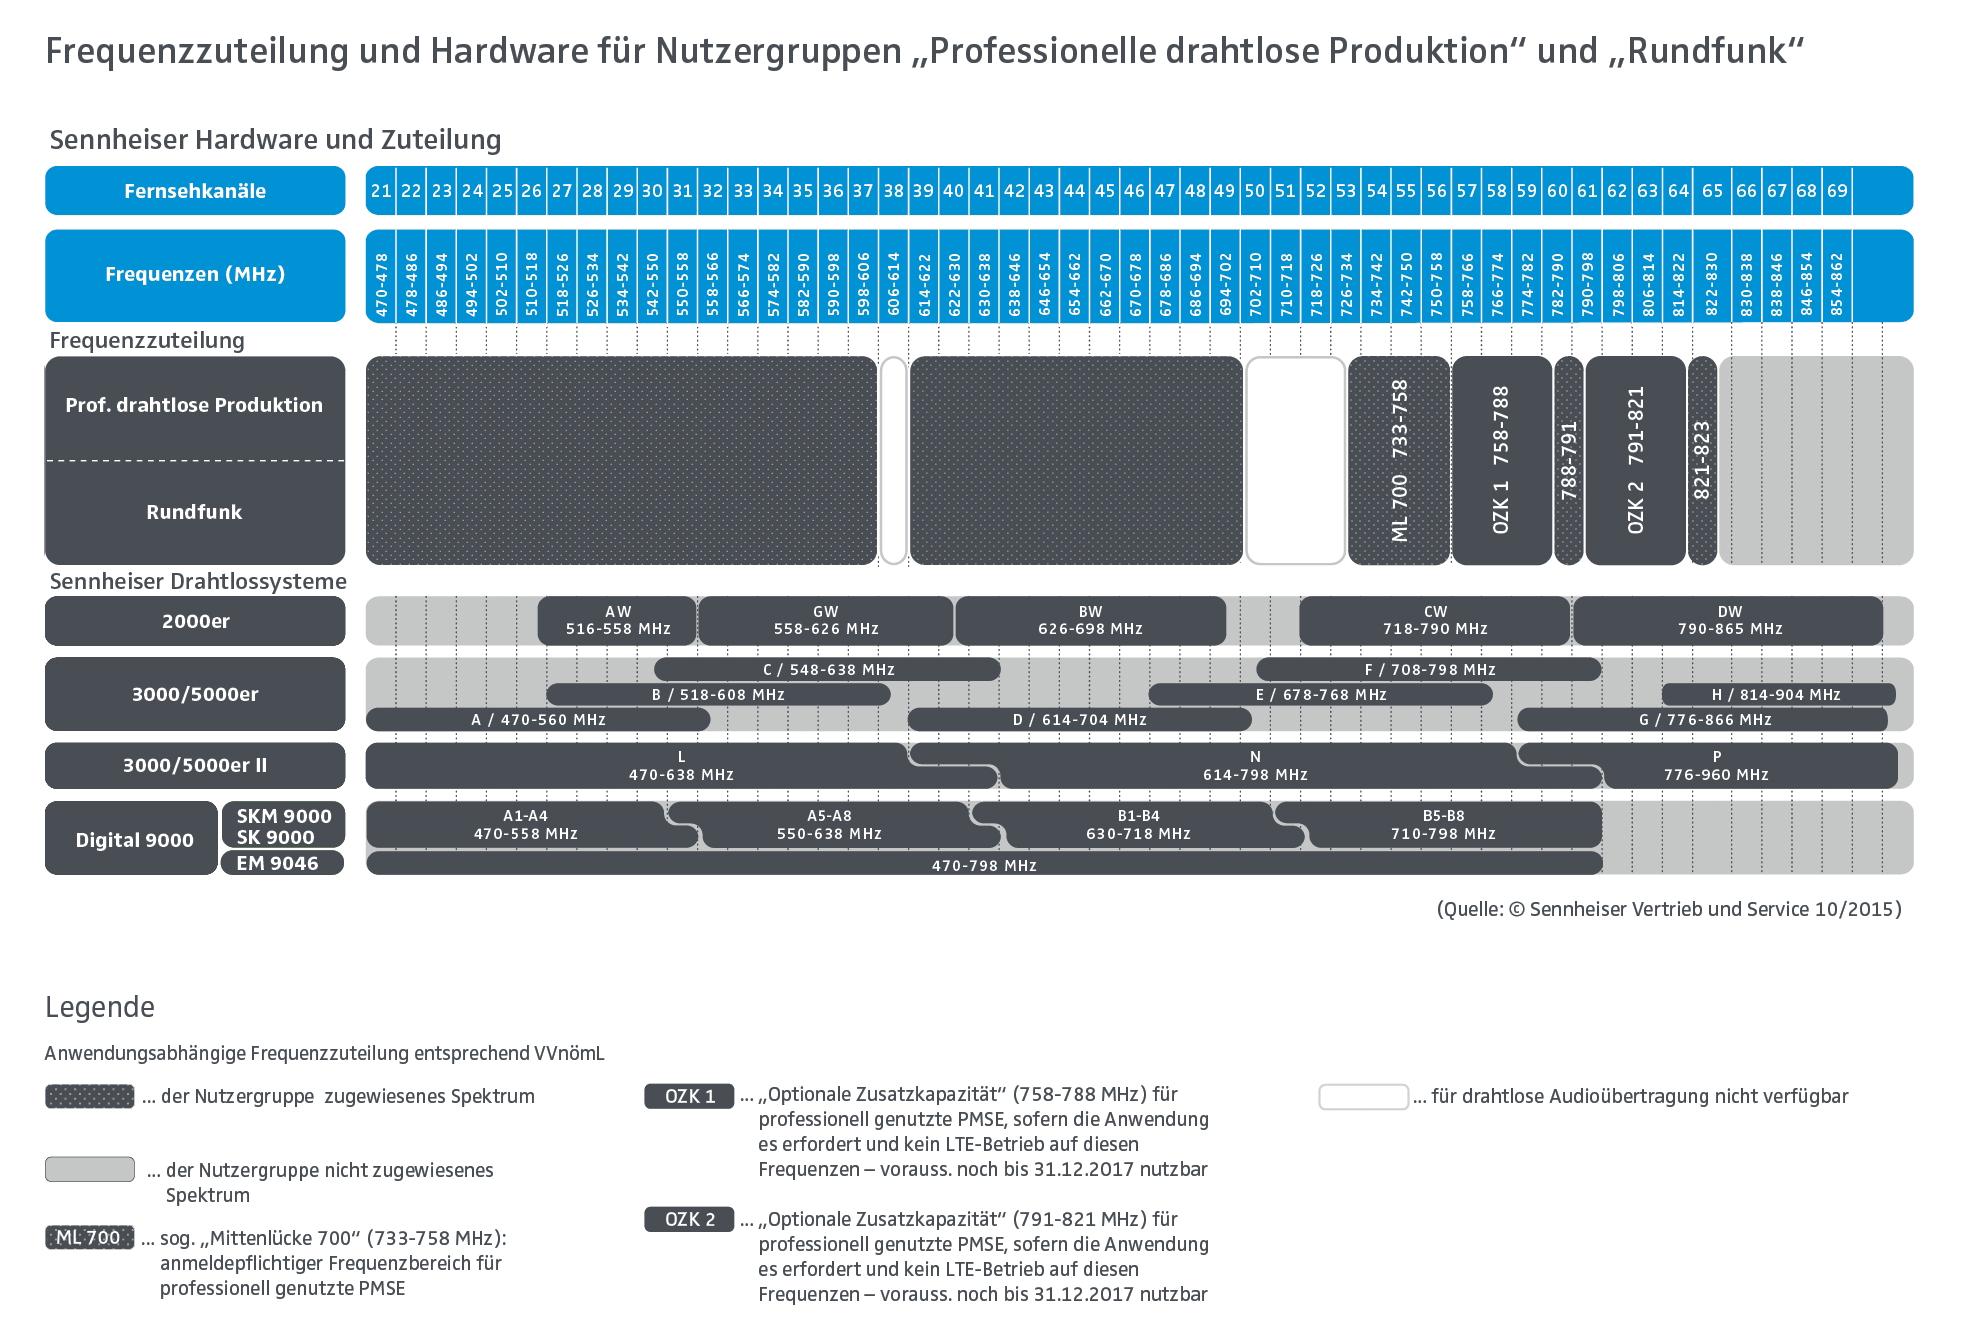 B_1215_Sennheiser_Grafik_Frequenzzuteilung